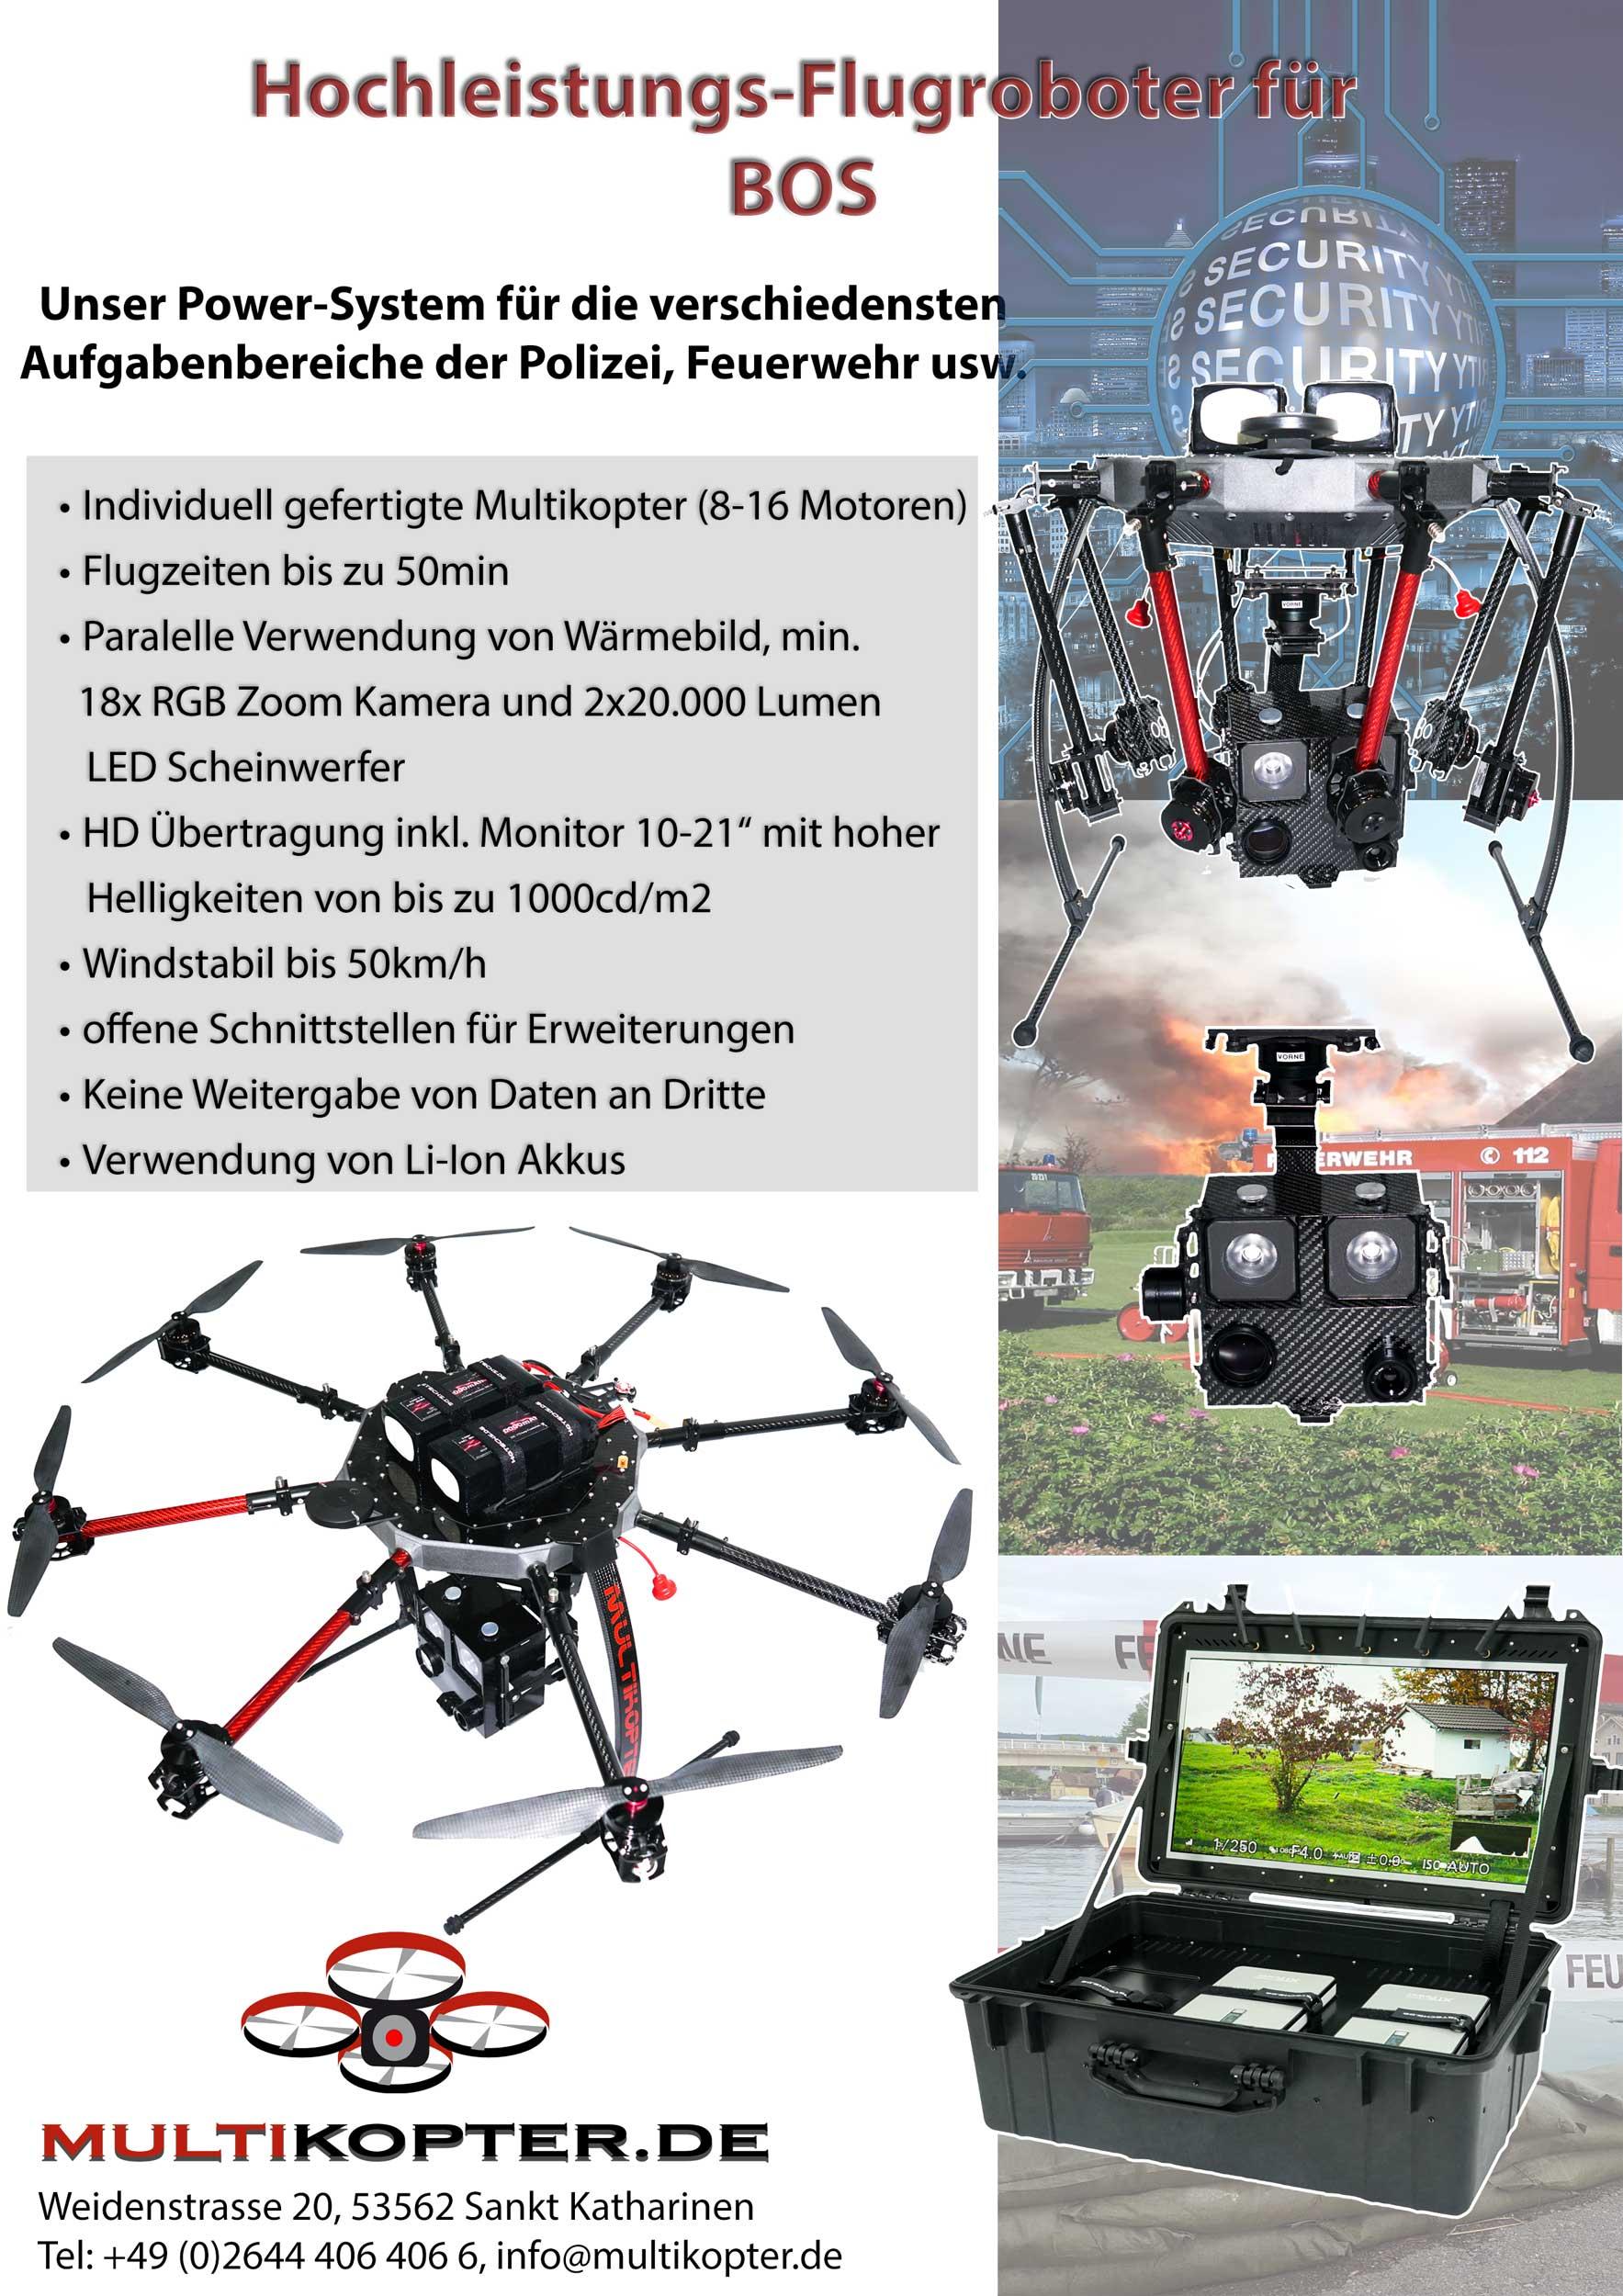 Flyer für den Einsatz von Drohnen UAV bei BOS